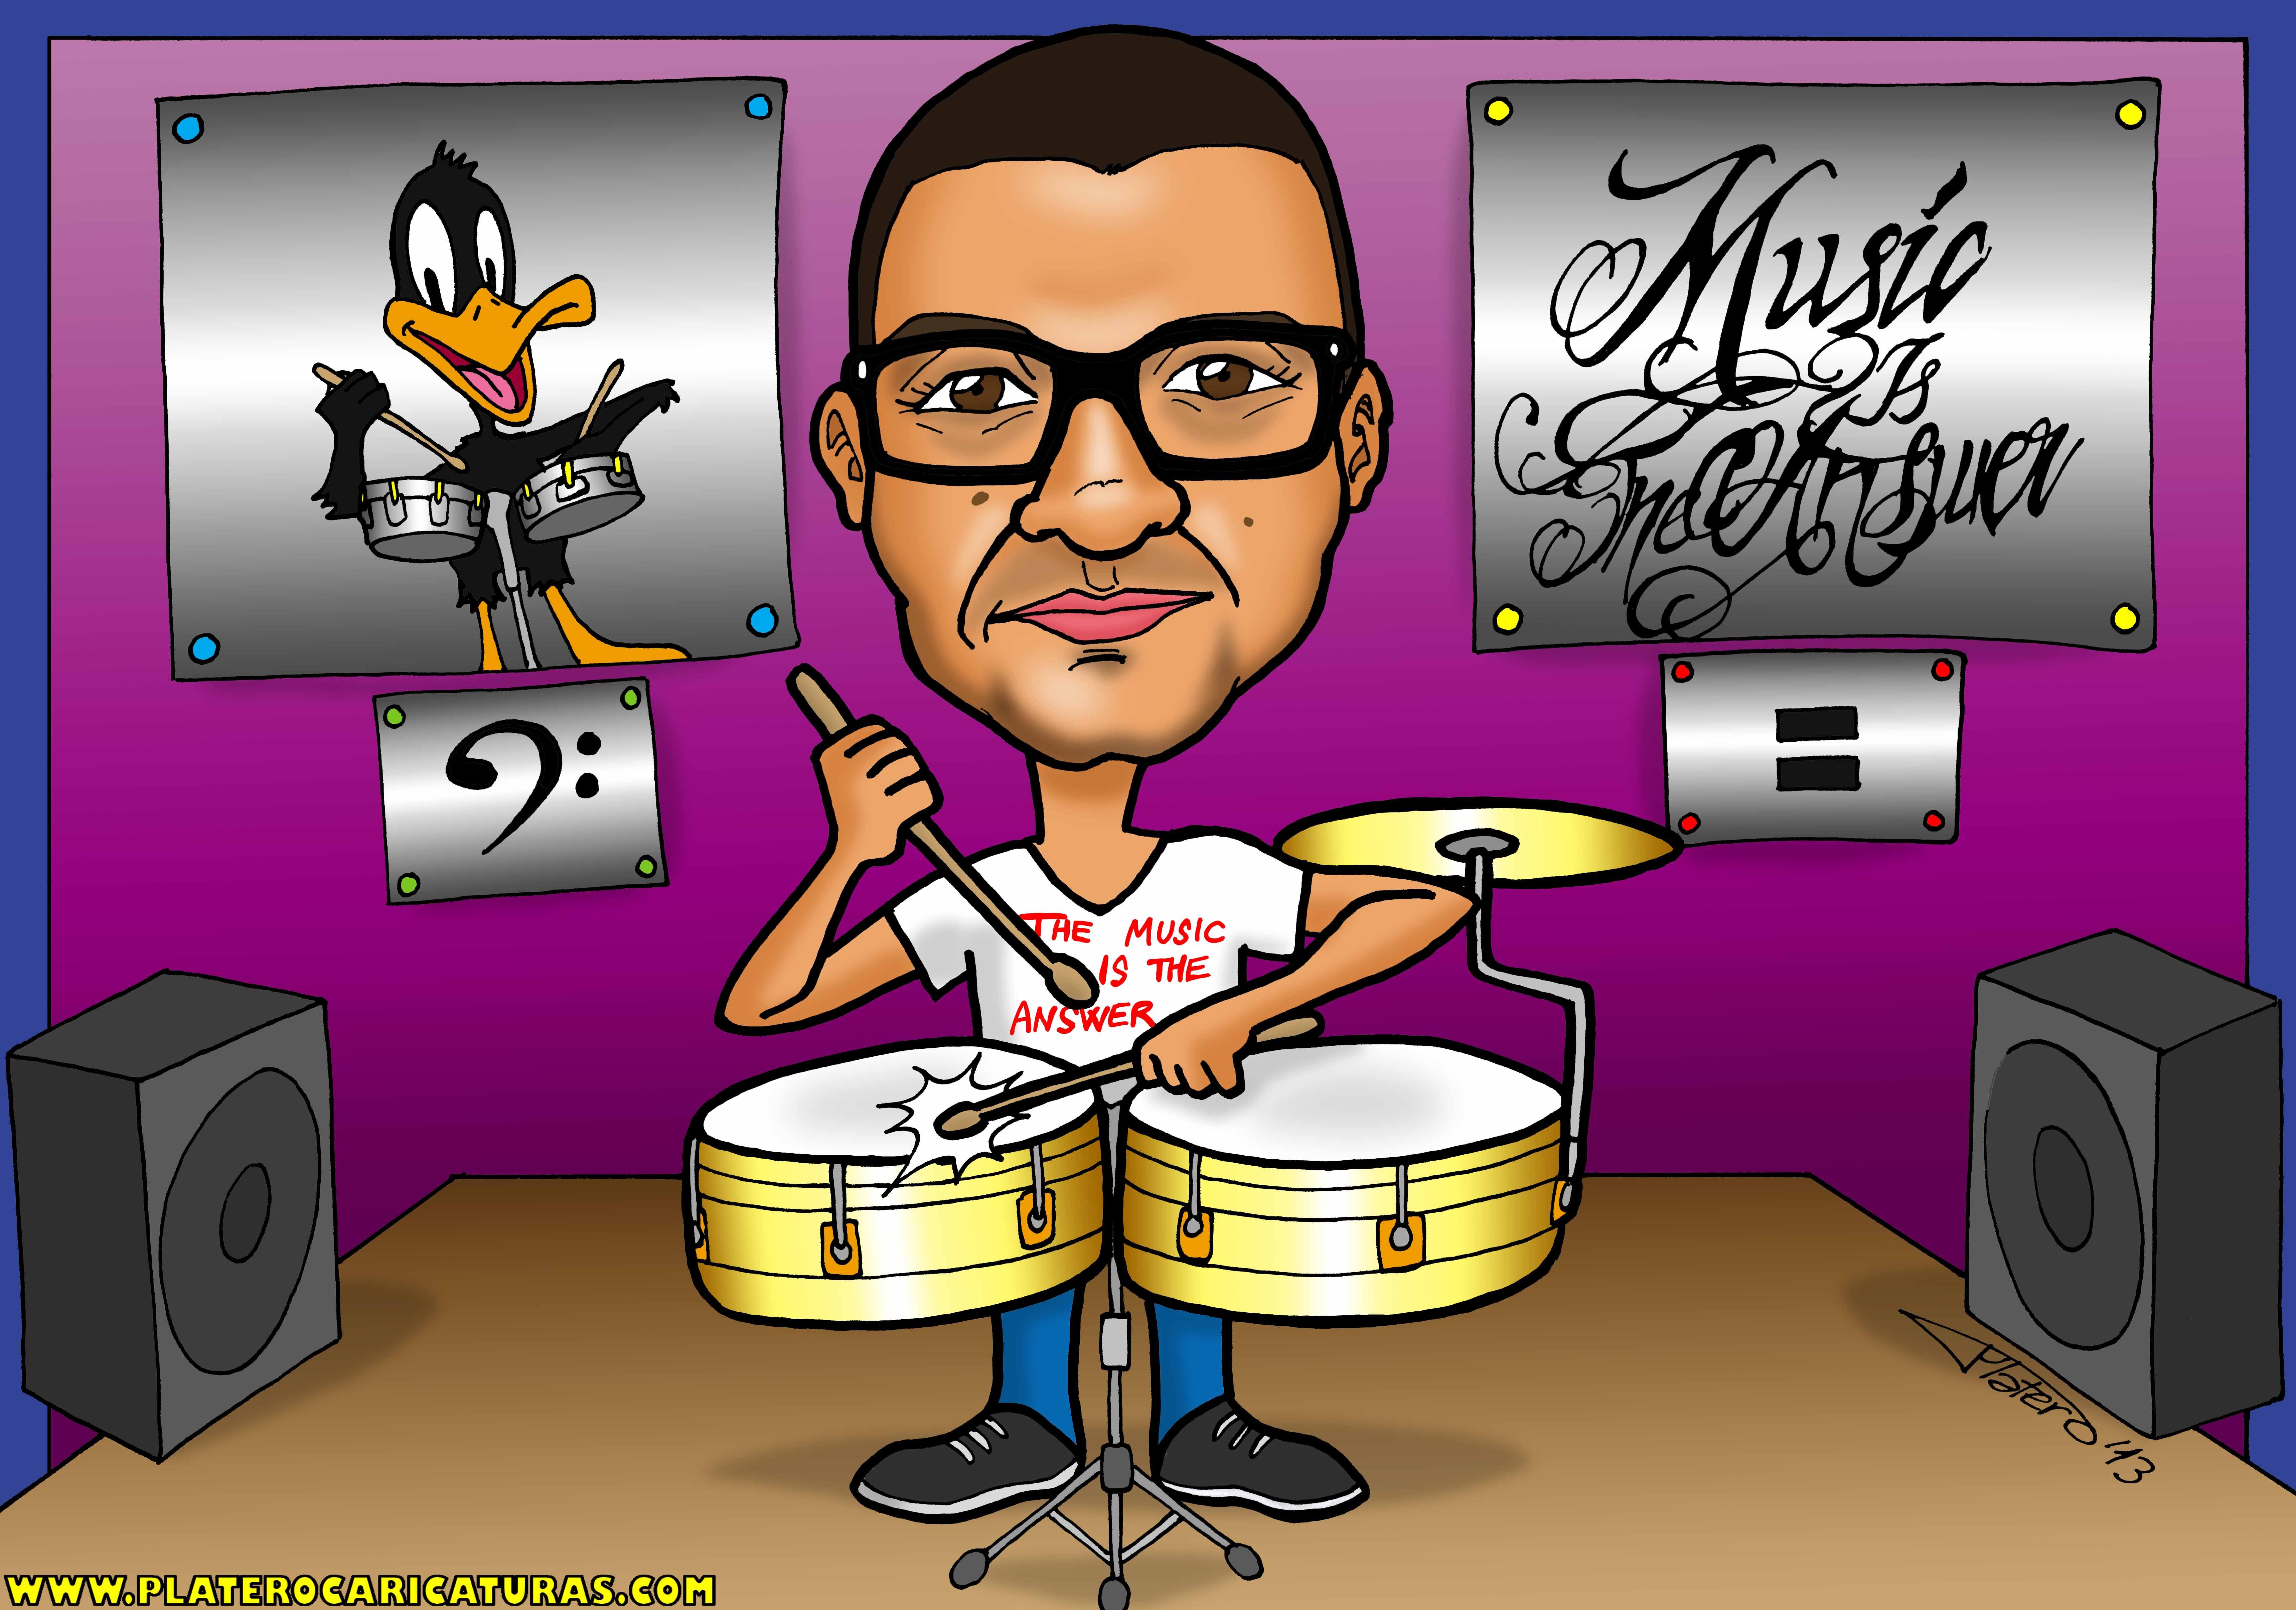 caricaturas a color por encargo personalizadas_chico con timbal_platerocaricatur